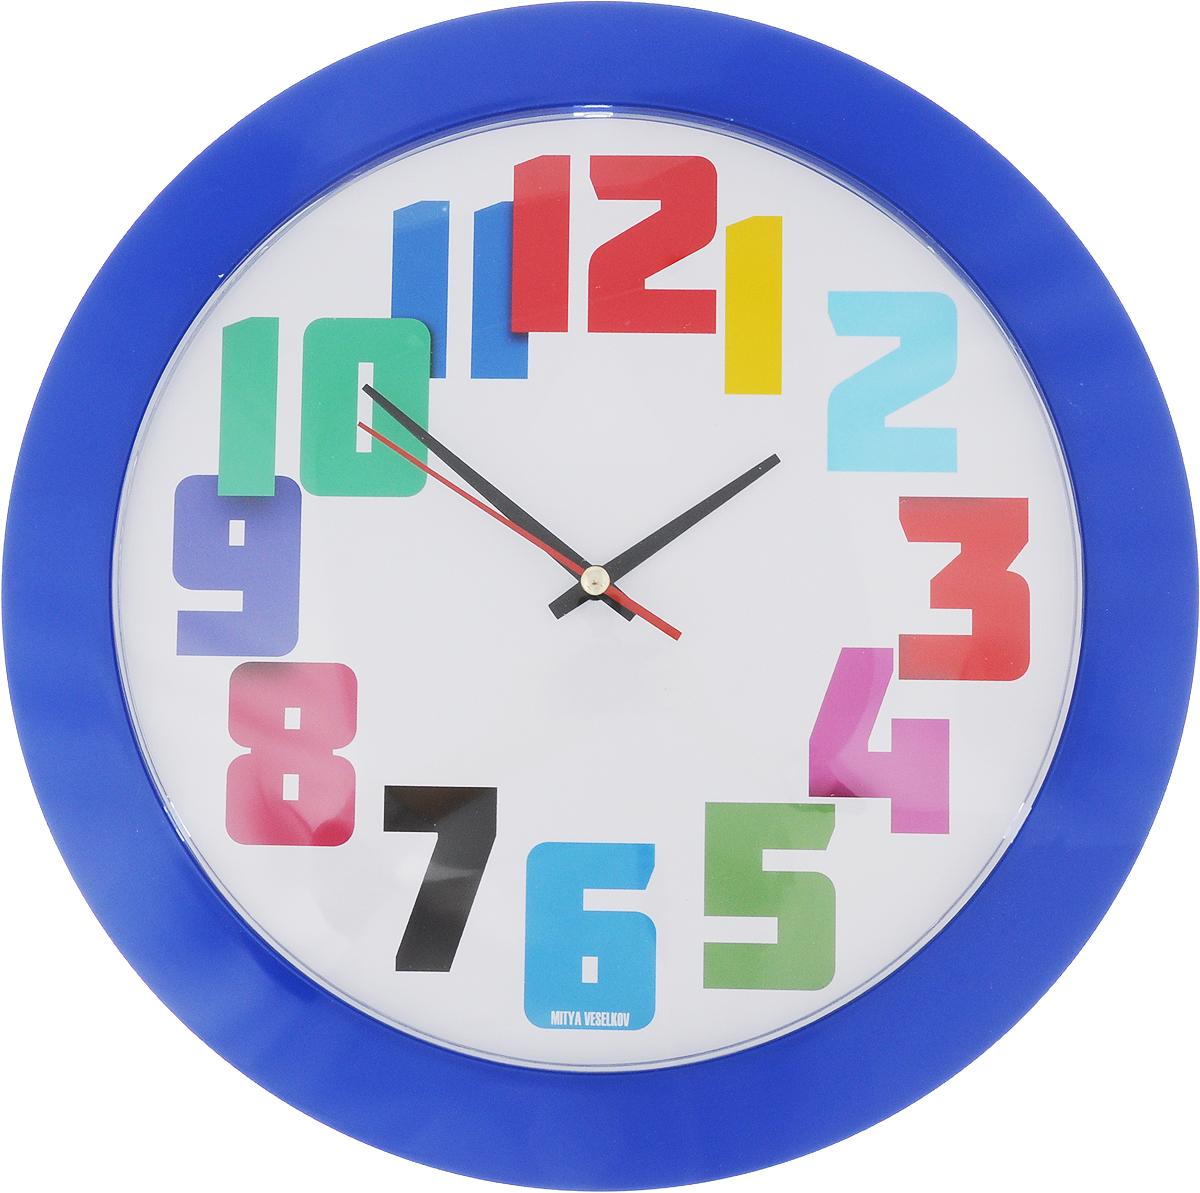 Часы настенные Mitya Veselkov Разноцветные цифры, цвет: синий, диаметр 30 смMVC.NAST-002Оригинальные настенные часы Mitya Veselkov Разноцветные цифры прекрасно дополнят интерьер комнаты. Круглый корпус часов выполнен из металла синего цвета. Циферблат защищен стеклом. Часы имеют три стрелки - часовую, минутную и секундную. Оформите свой дом таким интерьерным аксессуаром или преподнесите его в качестве презента друзьям, и они оценят ваш оригинальный вкус и неординарность подарка. Диаметр часов: 30 см. Толщина корпуса: 4 см. Часы работают от 1 батарейки типа АА (входит в комплект).